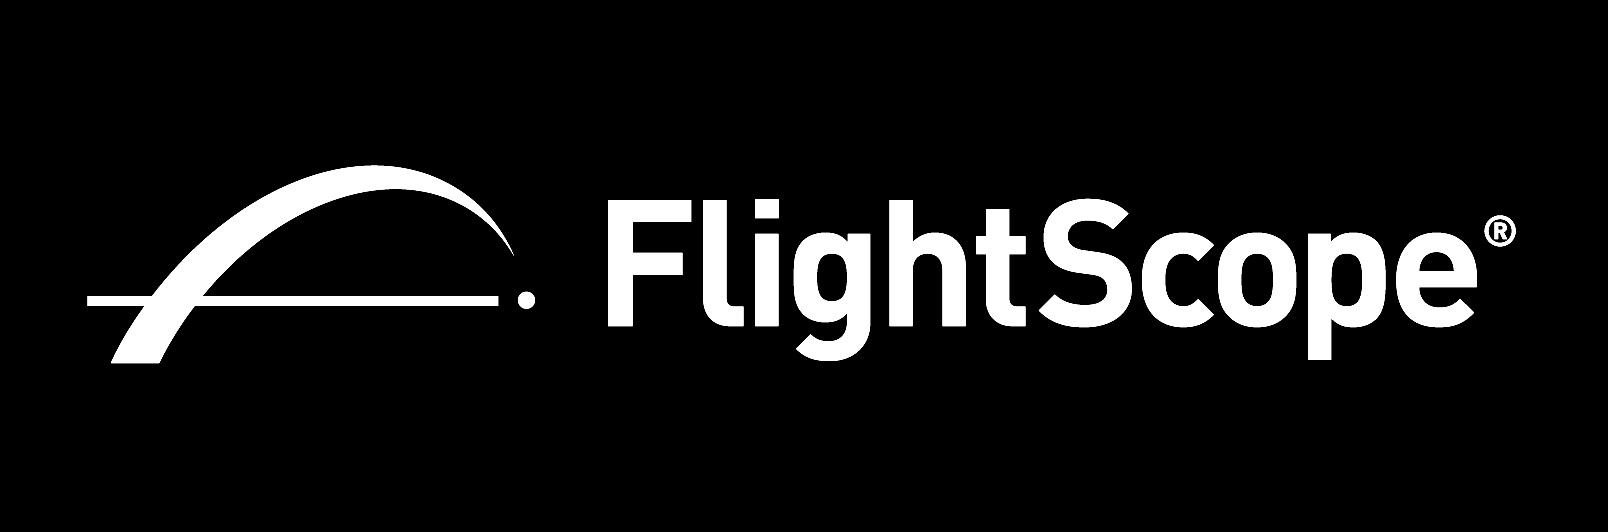 Flightscope logo.jpg